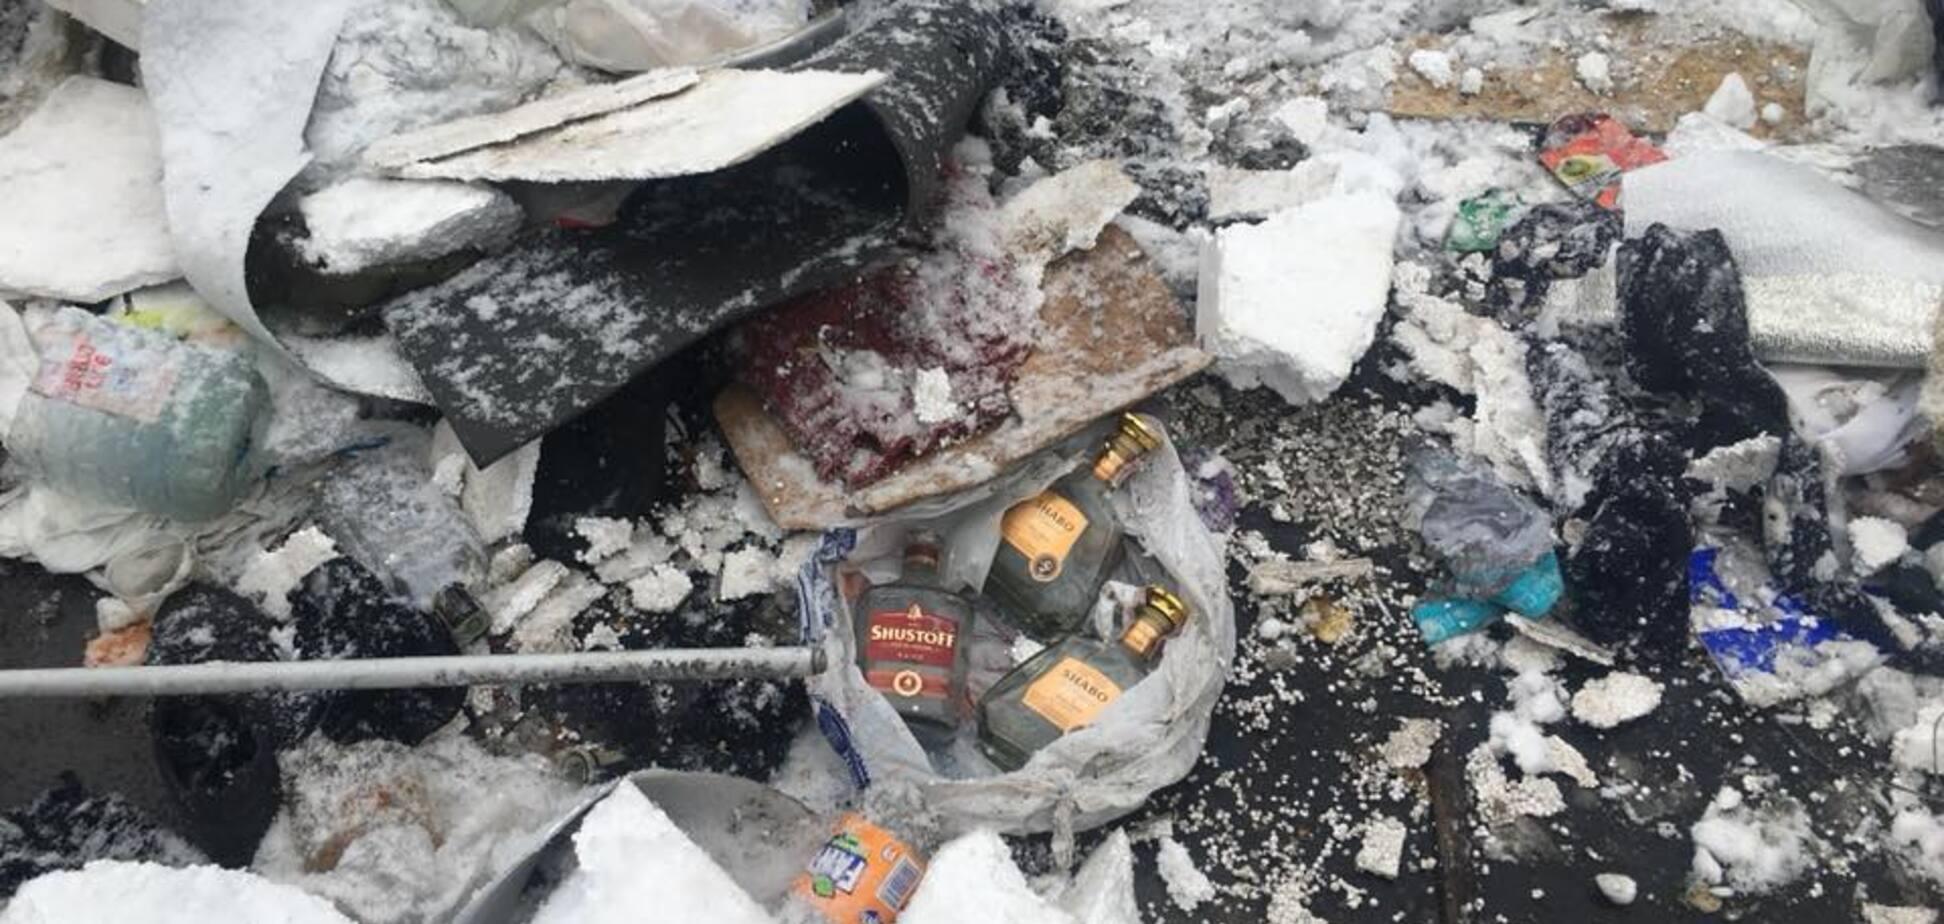 'Побывал на свалке': журналист показал, что оставил после себя 'михомайдан' в центре Киева